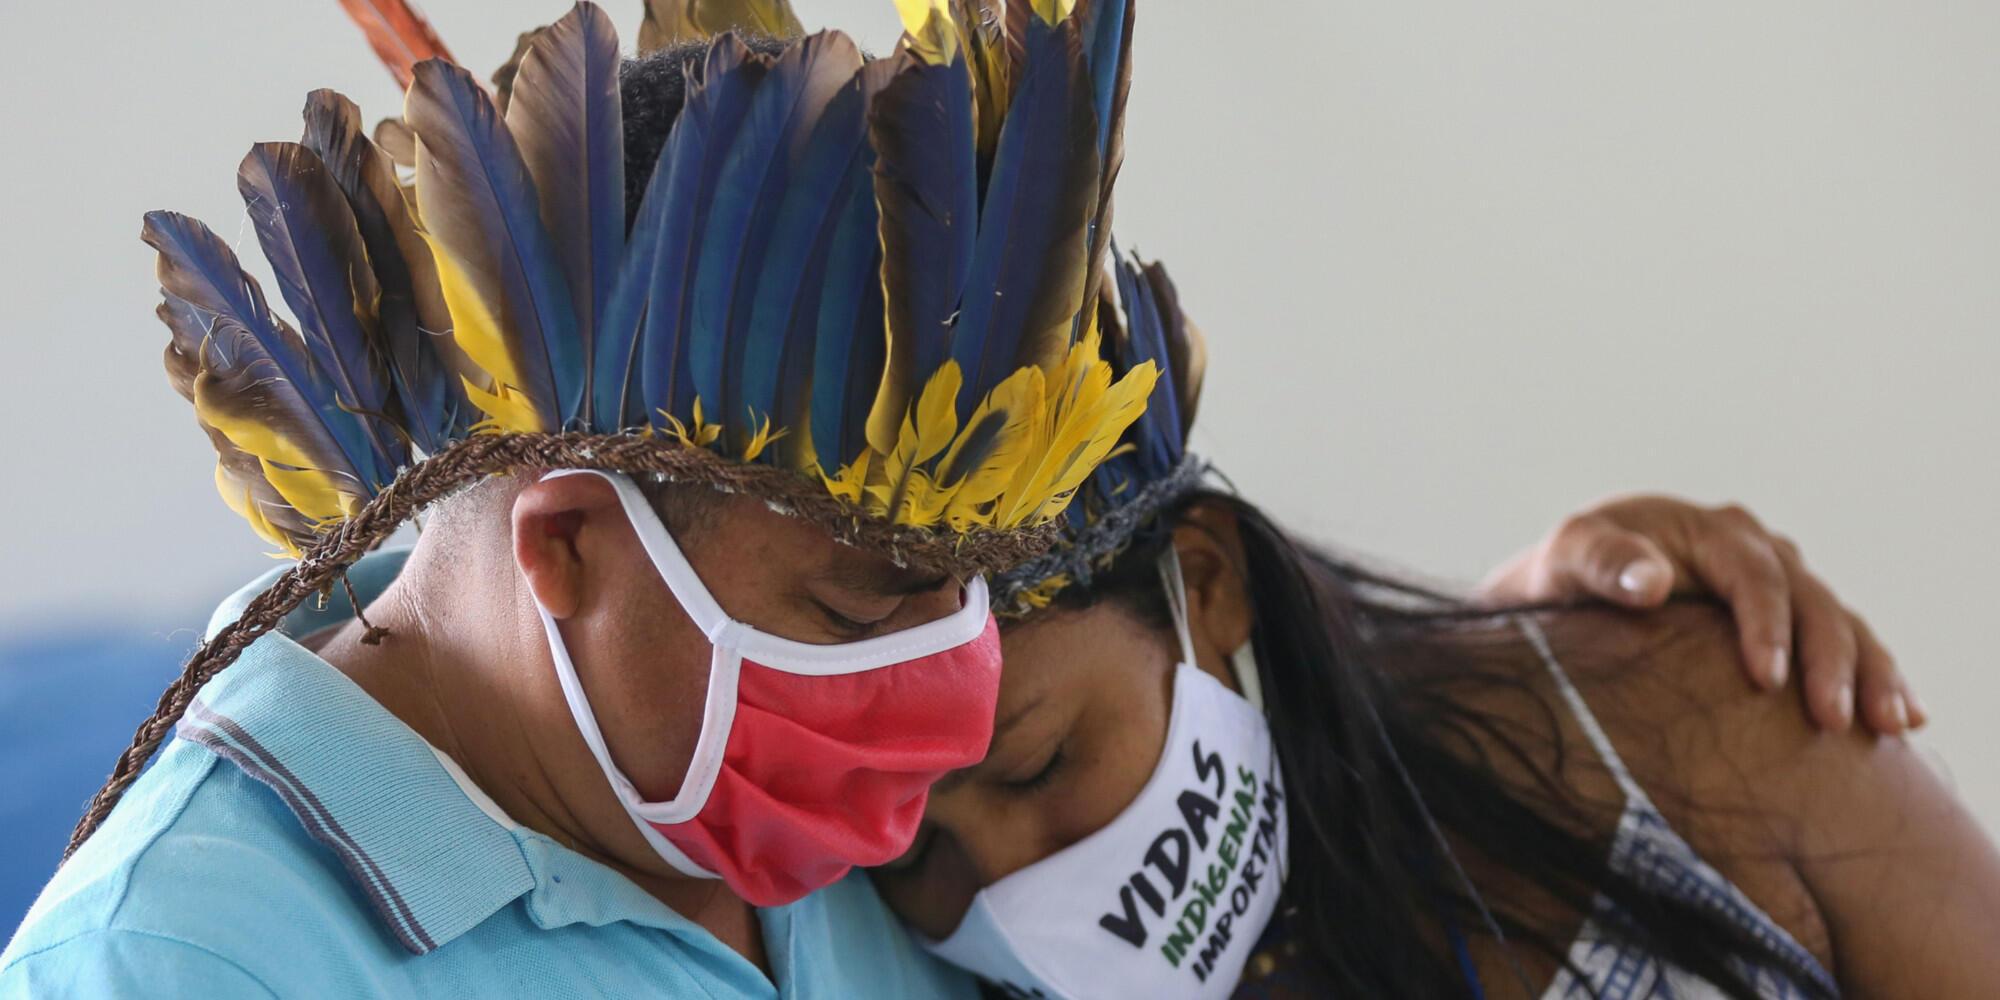 Des indigènes de la communauté de Parque das Tribos lors des funérailles du chef Messias de la tribu Kokama, mort après avoir été contaminé par le nouveau coronavirus, le 14 mai 2020, au Brésil.